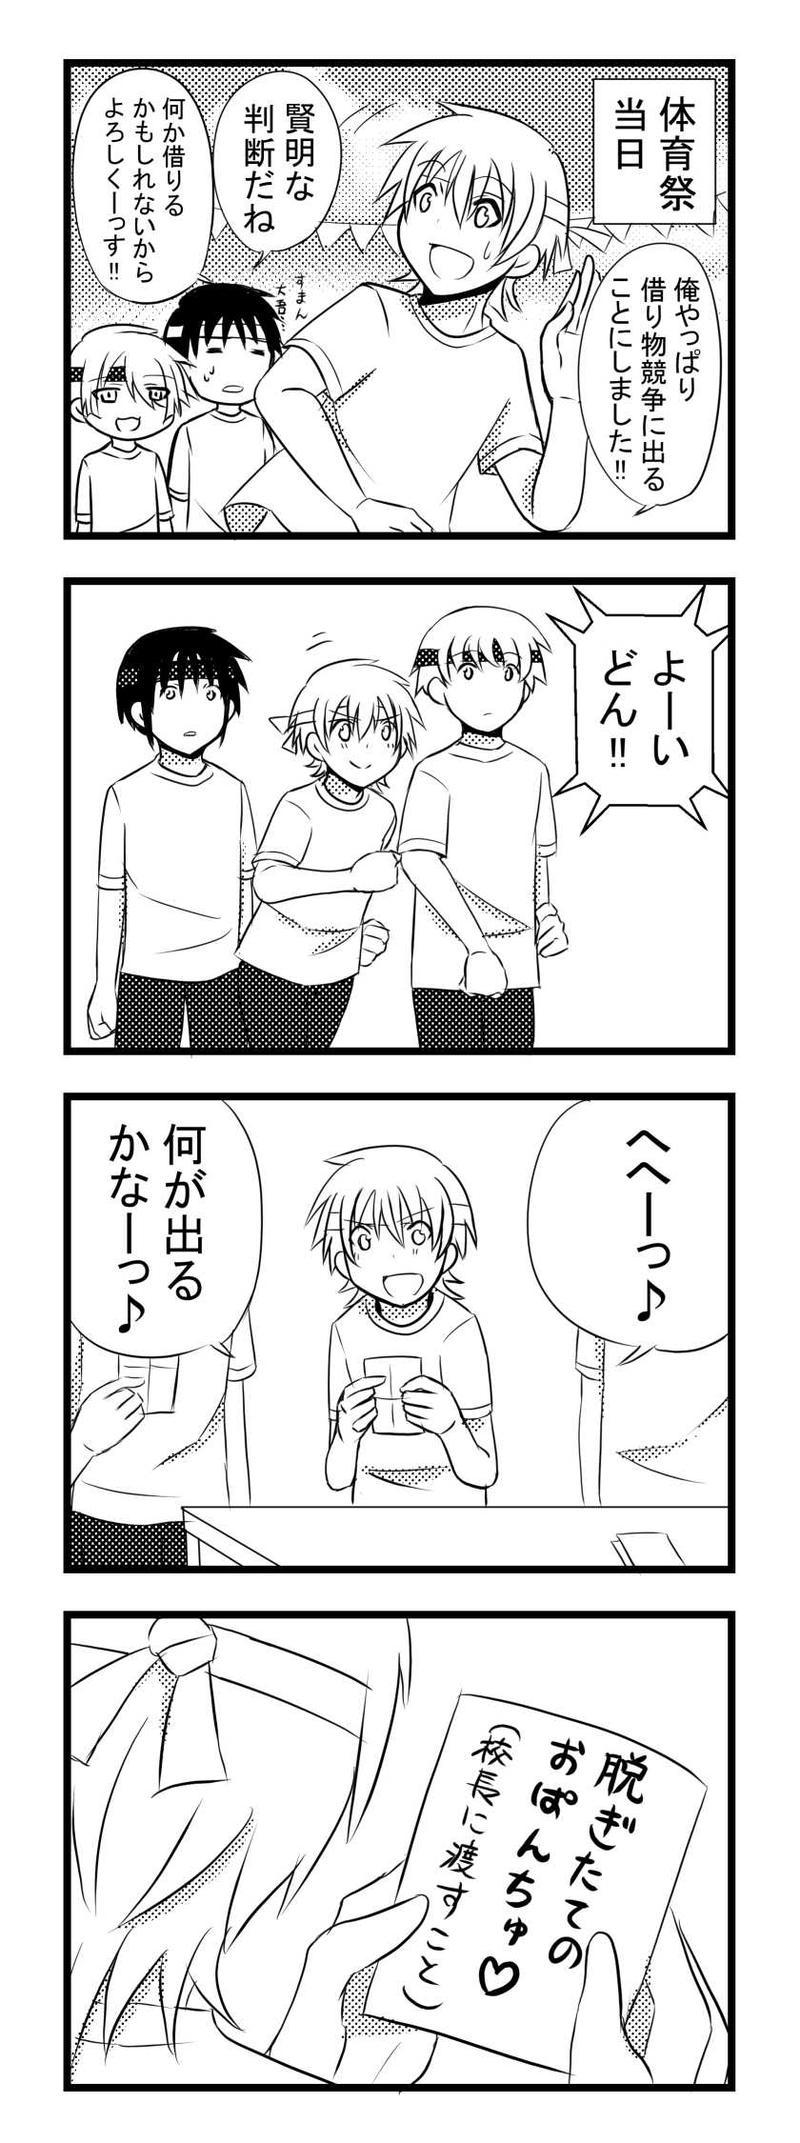 第11話【ヤンデレ体育祭】